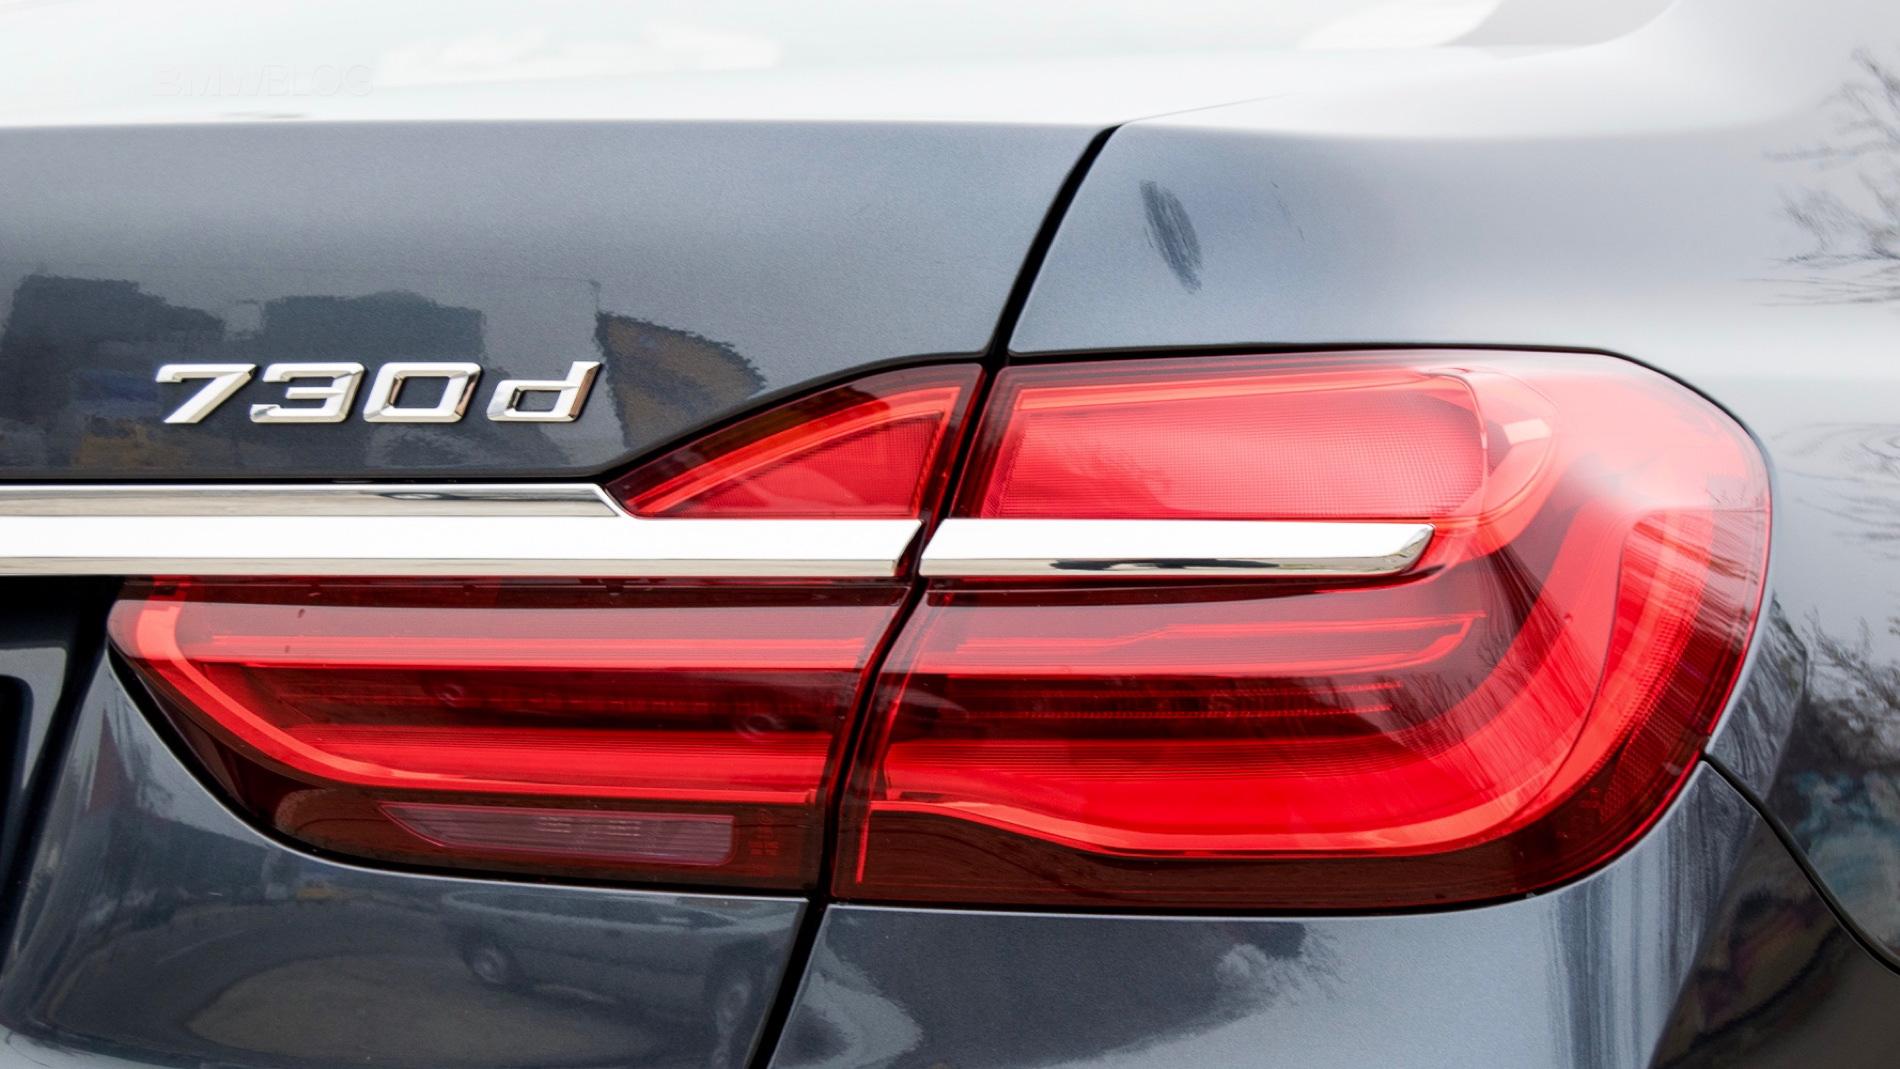 2016 BMW 730d xDrive test drive review 117